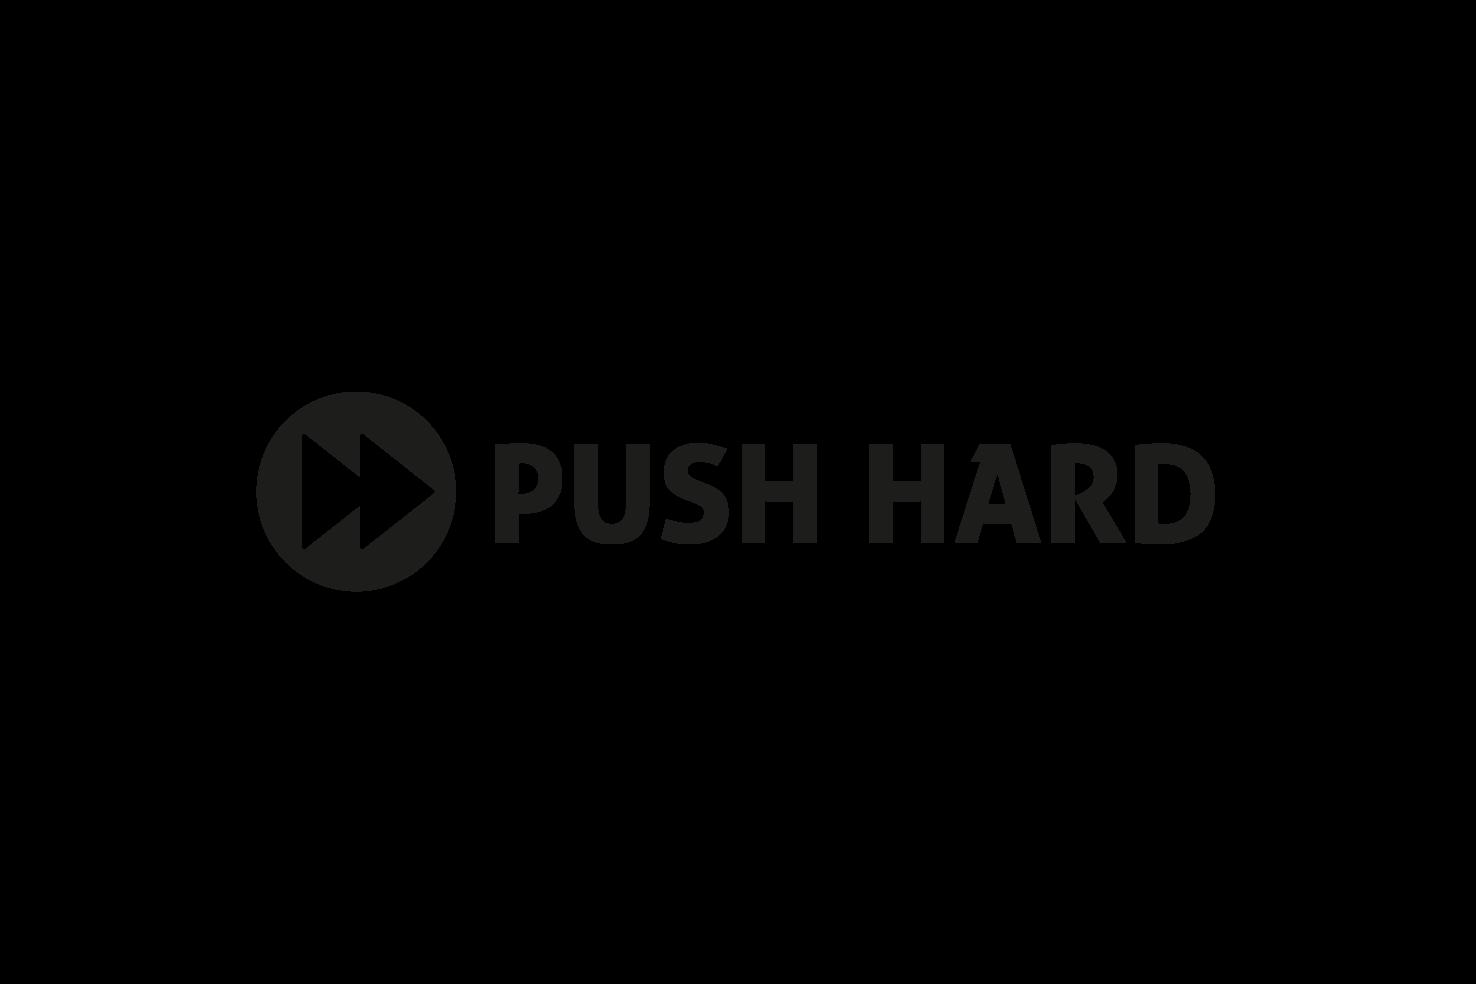 Push Hard Logo